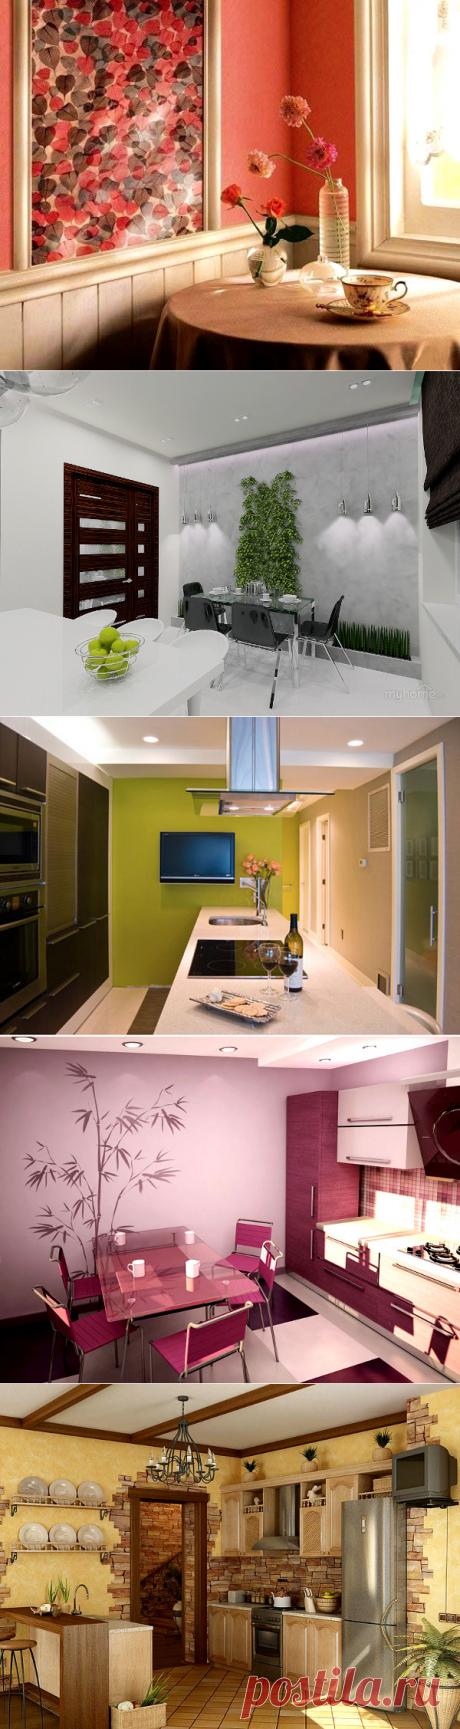 Идеи оформления стены в кухне — Мой дом